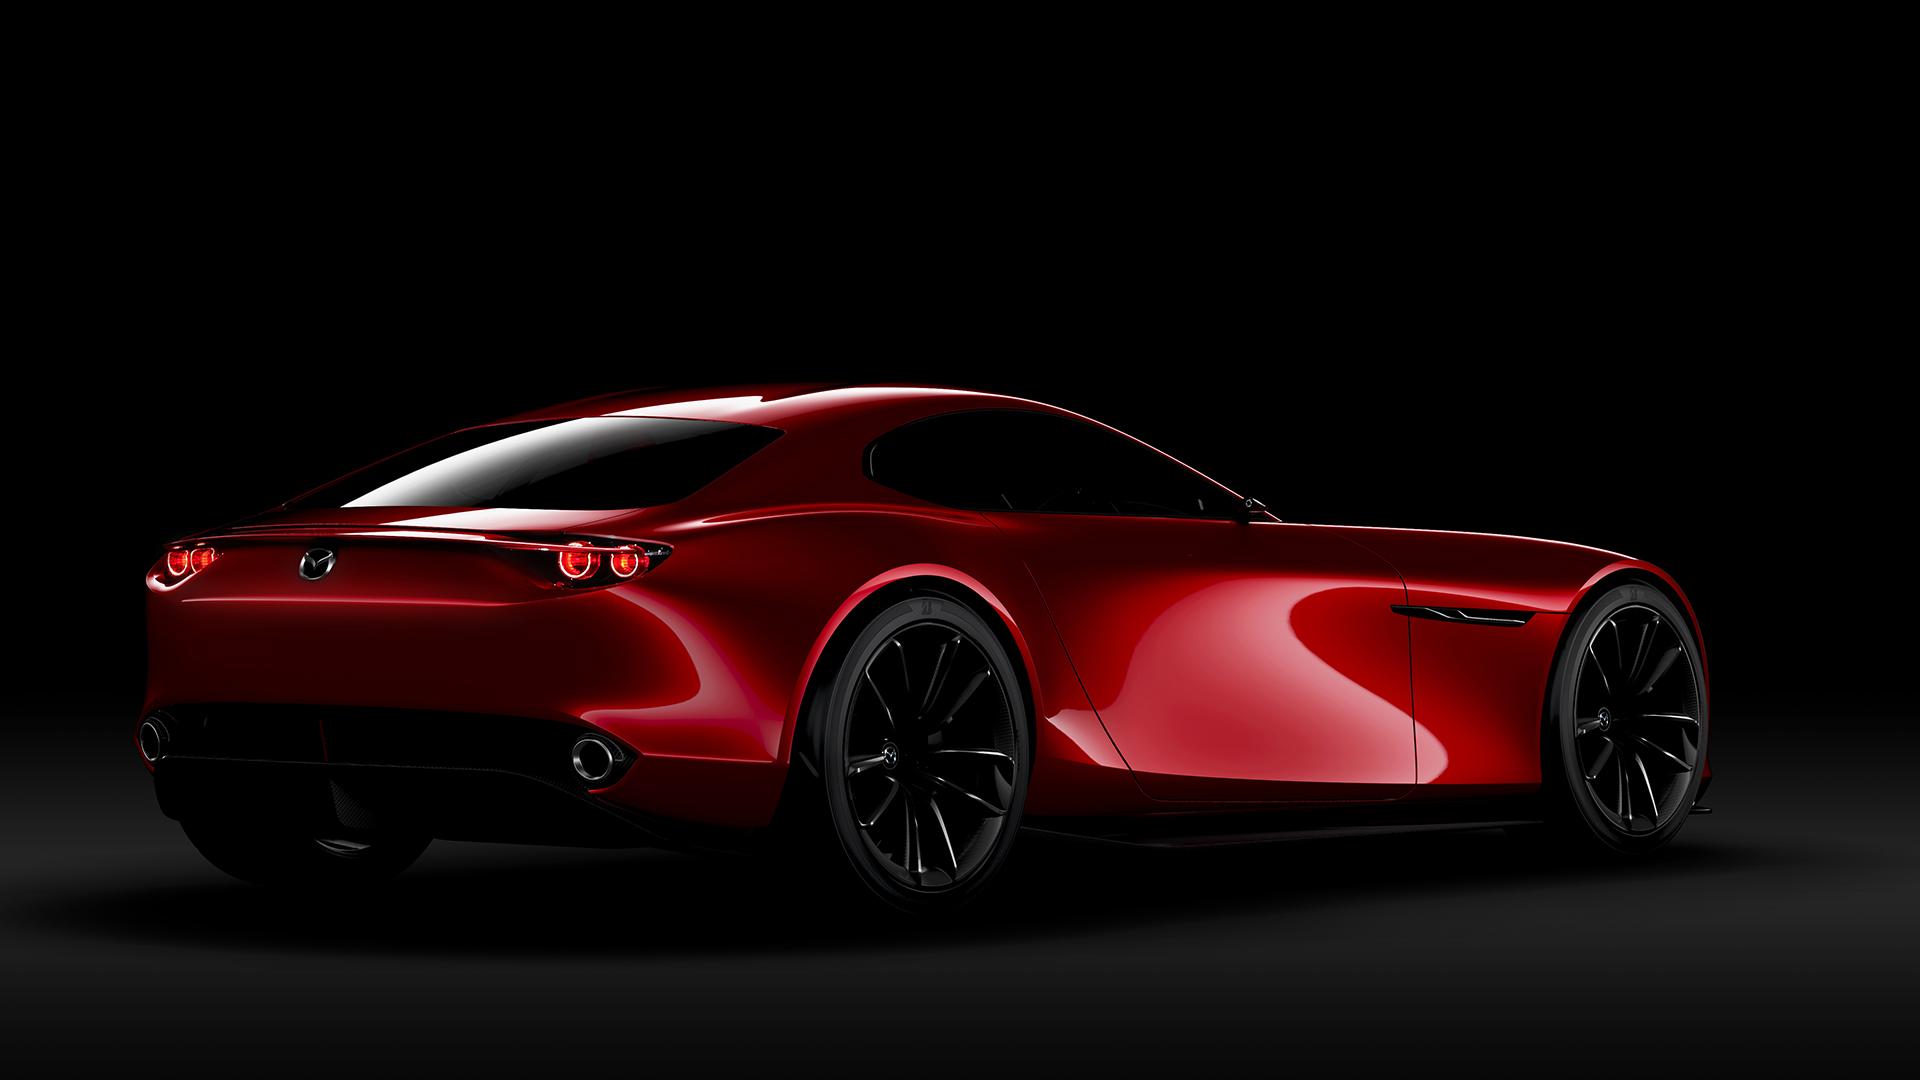 Mazda RX-VISION Concept - 2015 - profil arrière / rear side-face